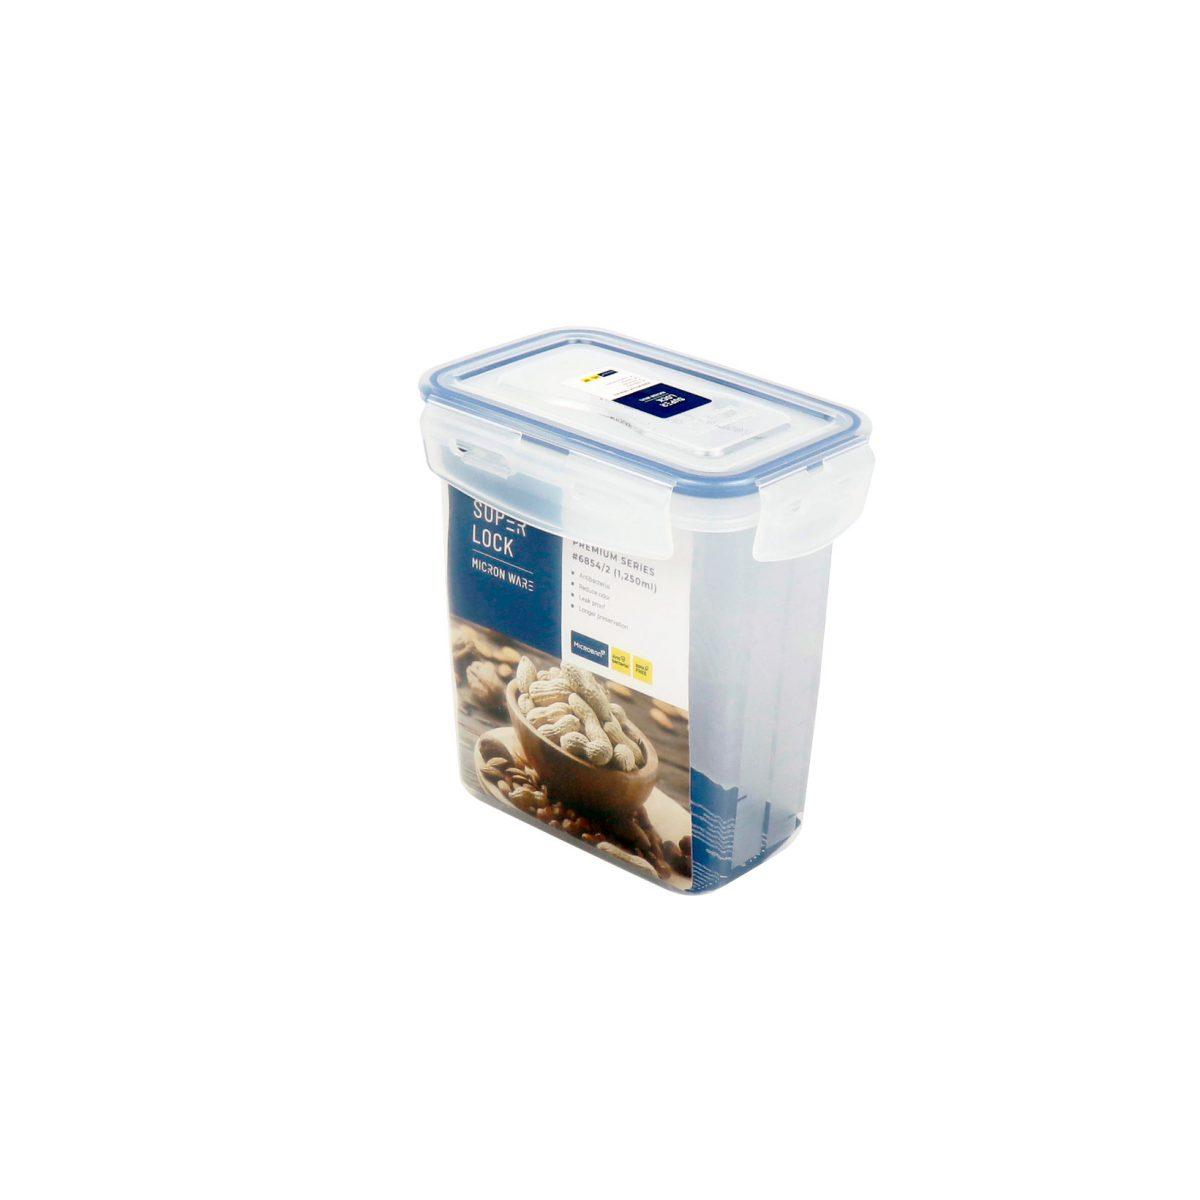 กล่องอาหาร Premium ความจุ 1250 มิลลิลิตร Super Lock #6854-2